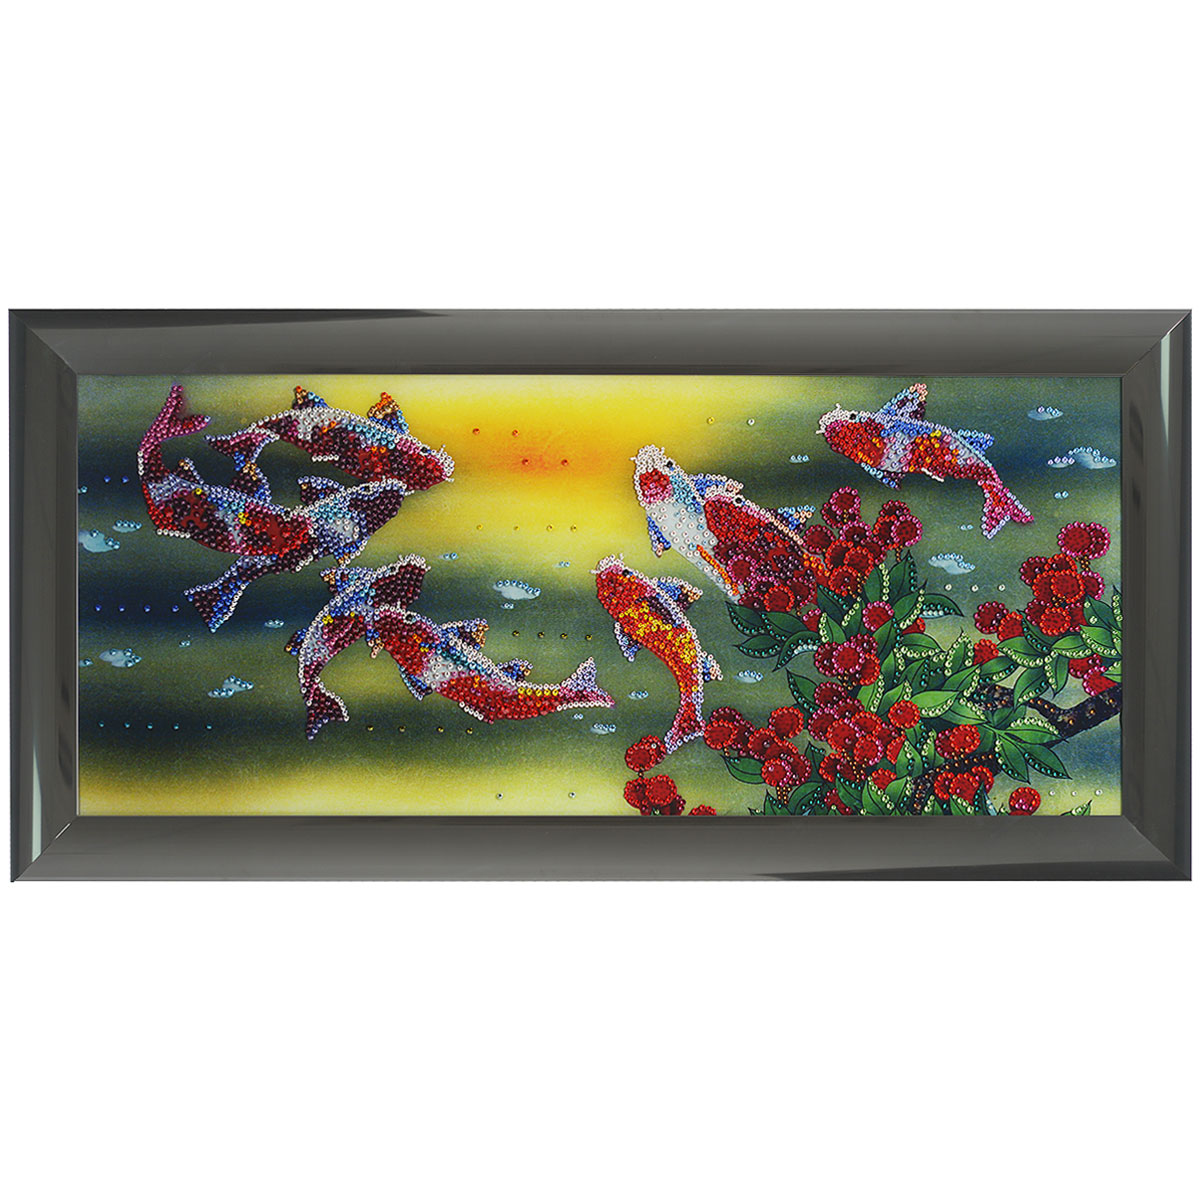 Картина с кристаллами Swarovski Рыбы Тай, 77,5 см х 37,5 см25051 7_желтыйИзящная картина в алюминиевой раме Рыбы Тай инкрустирована кристаллами Swarovski, которые отличаются четкой и ровной огранкой, ярким блеском и чистотой цвета. Идеально подобранная палитра кристаллов прекрасно дополняет картину. С задней стороны изделие оснащено специальной металлической петелькой для размещения на стене. Картина с кристаллами Swarovski элегантно украсит интерьер дома, а также станет прекрасным подарком, который обязательно понравится получателю. Блеск кристаллов в интерьере - что может быть сказочнее и удивительнее. Изделие упаковано в подарочную картонную коробку синего цвета и комплектуется сертификатом соответствия Swarovski. Размер картины: 77,5 см х 37,5 см.Количество кристаллов: 3906 шт.